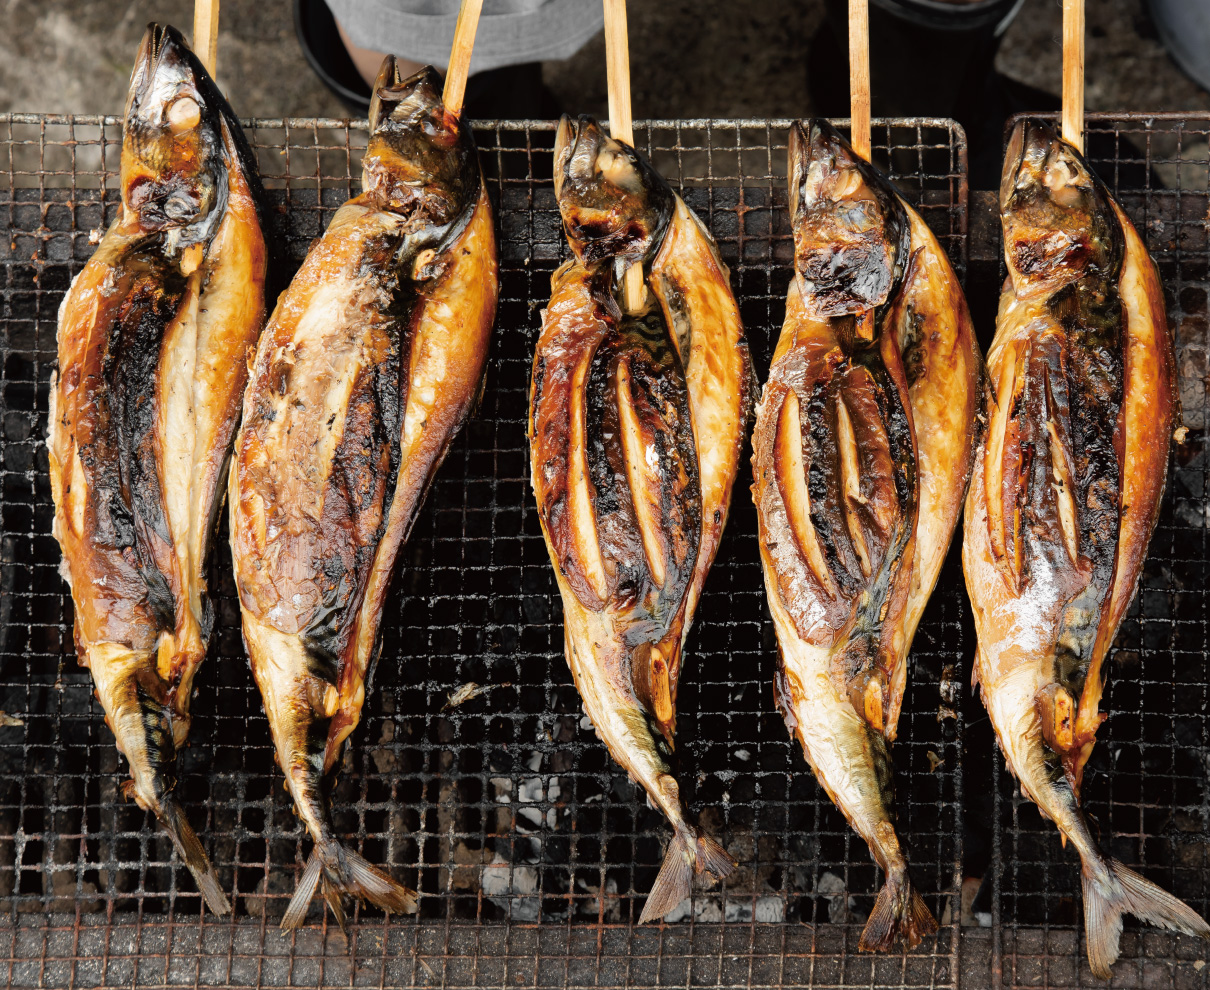 小浜市の『朽木屋』の浜焼き鯖を丸ごと一尾かぶりつき! 夏に食べたいご当地グルメを買いに行こう。